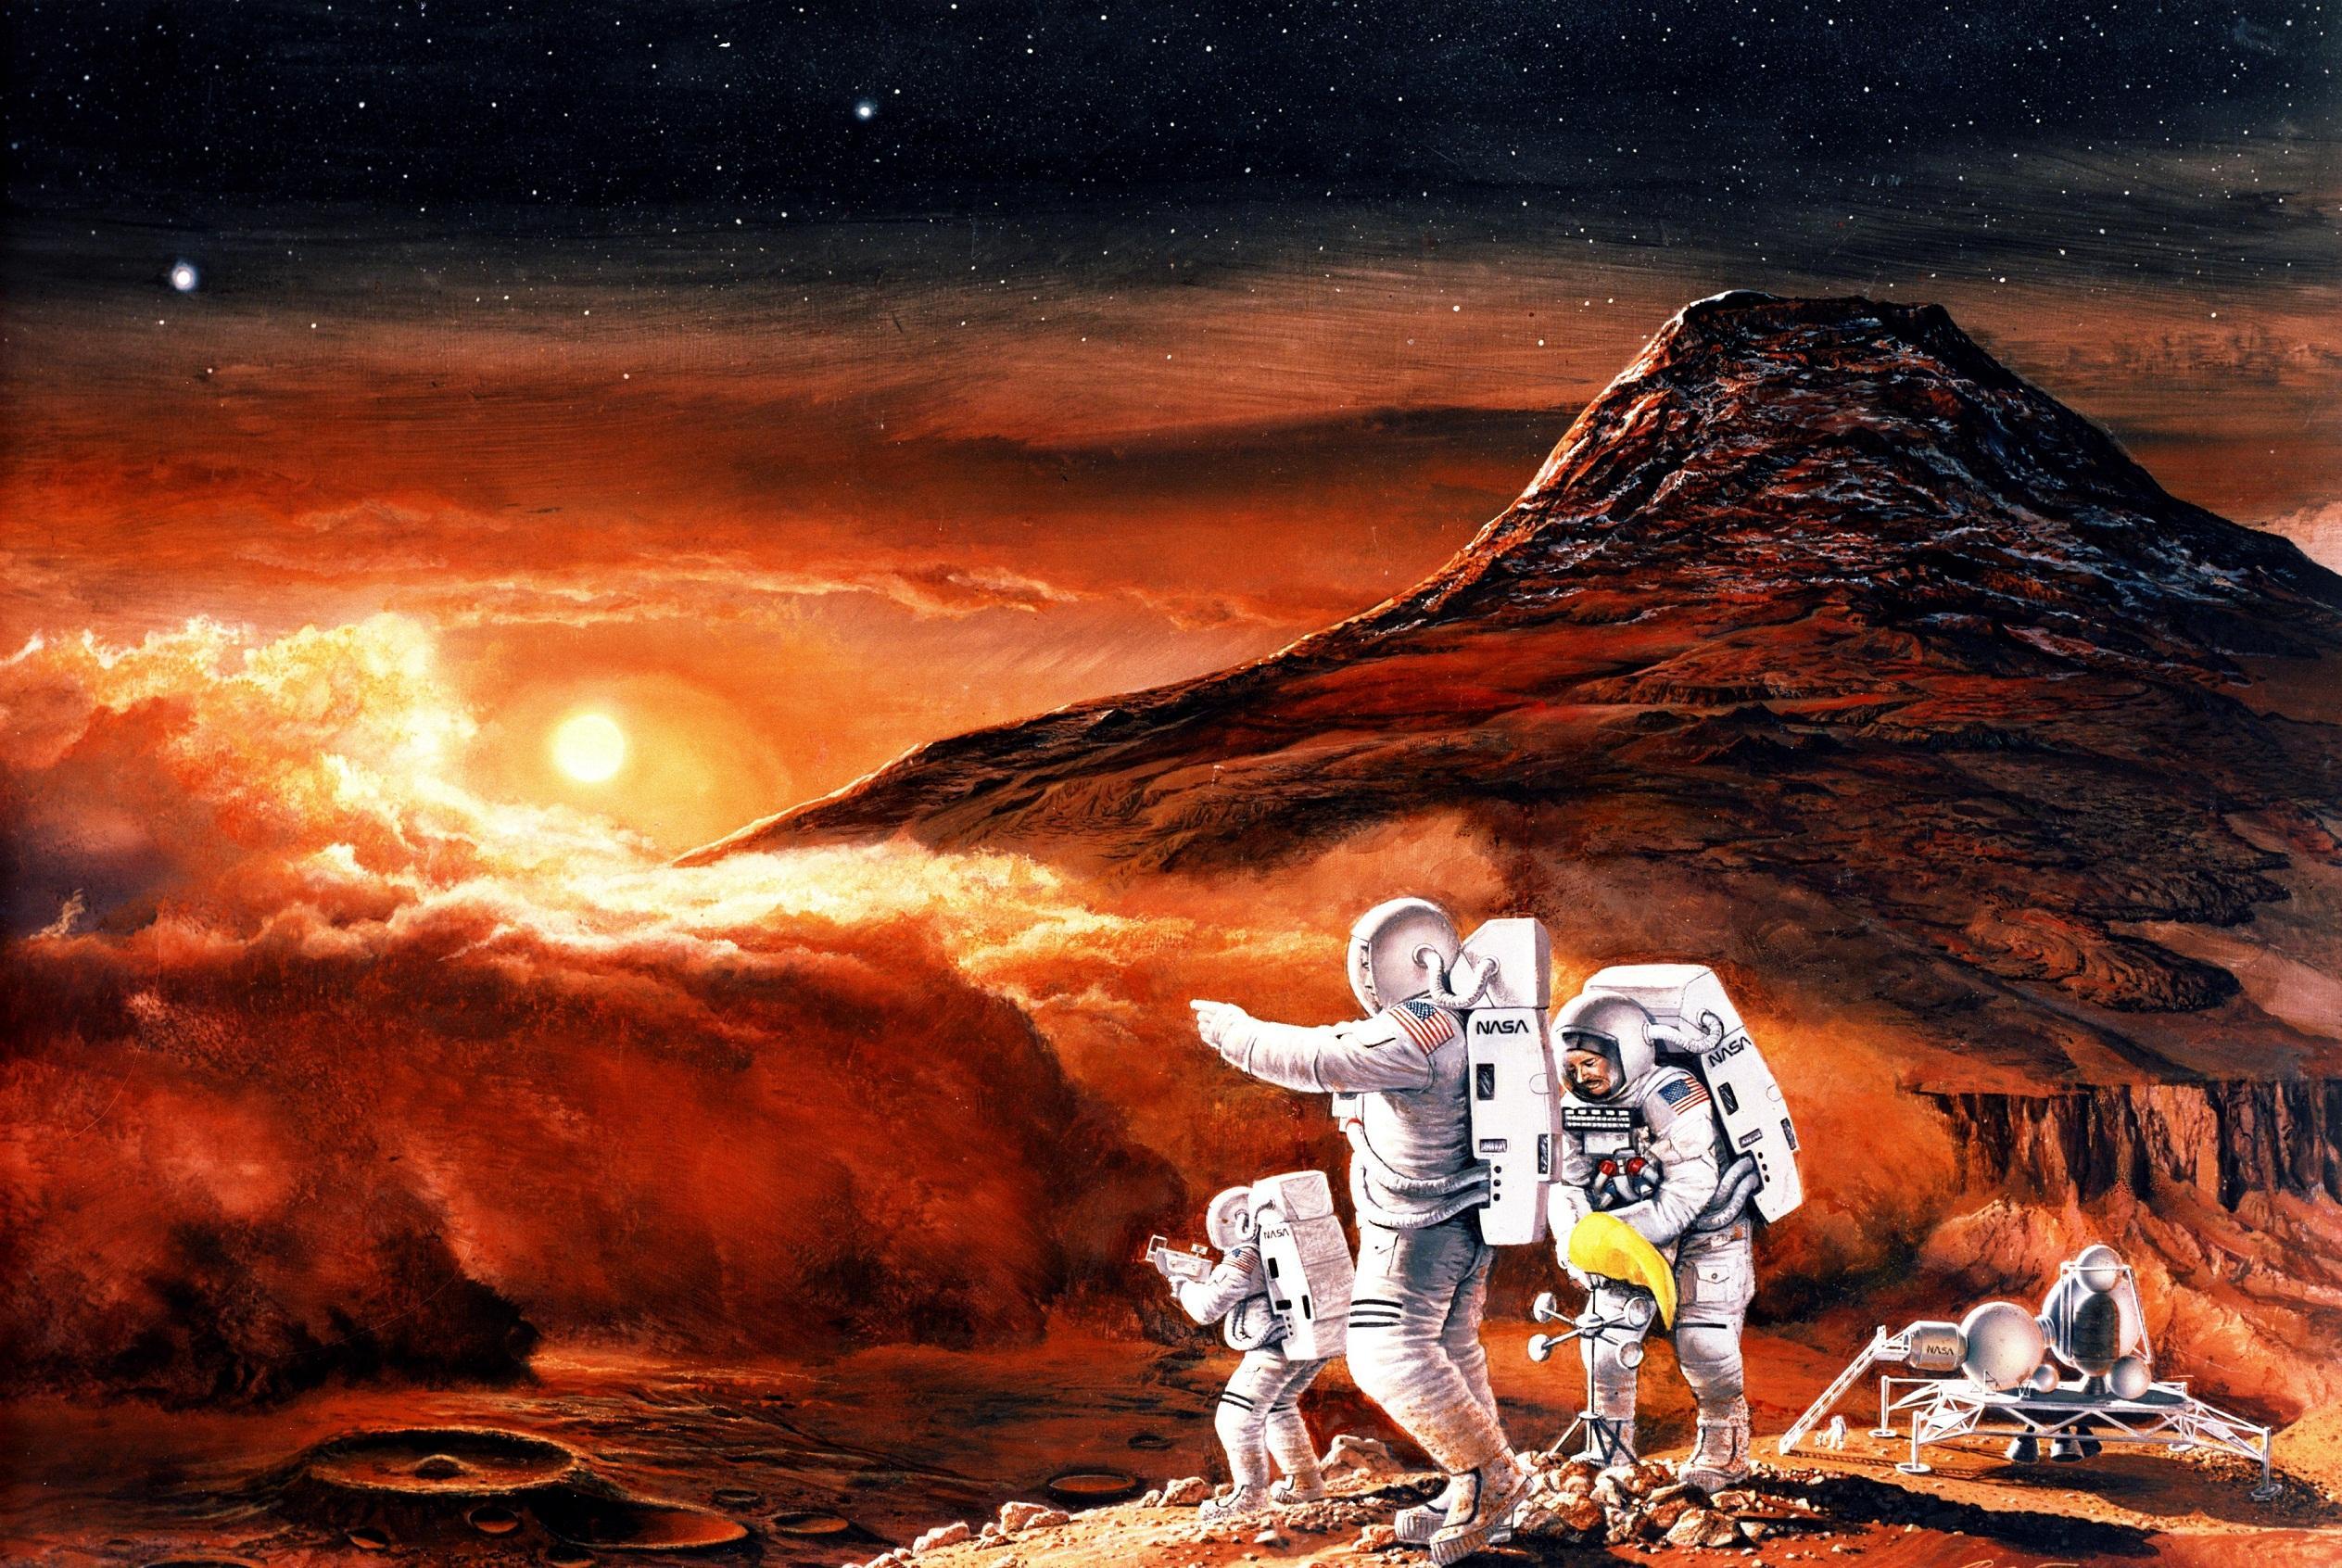 Разве мы не должны найти жизнь на Марсе перед тем, как отправлять людей?